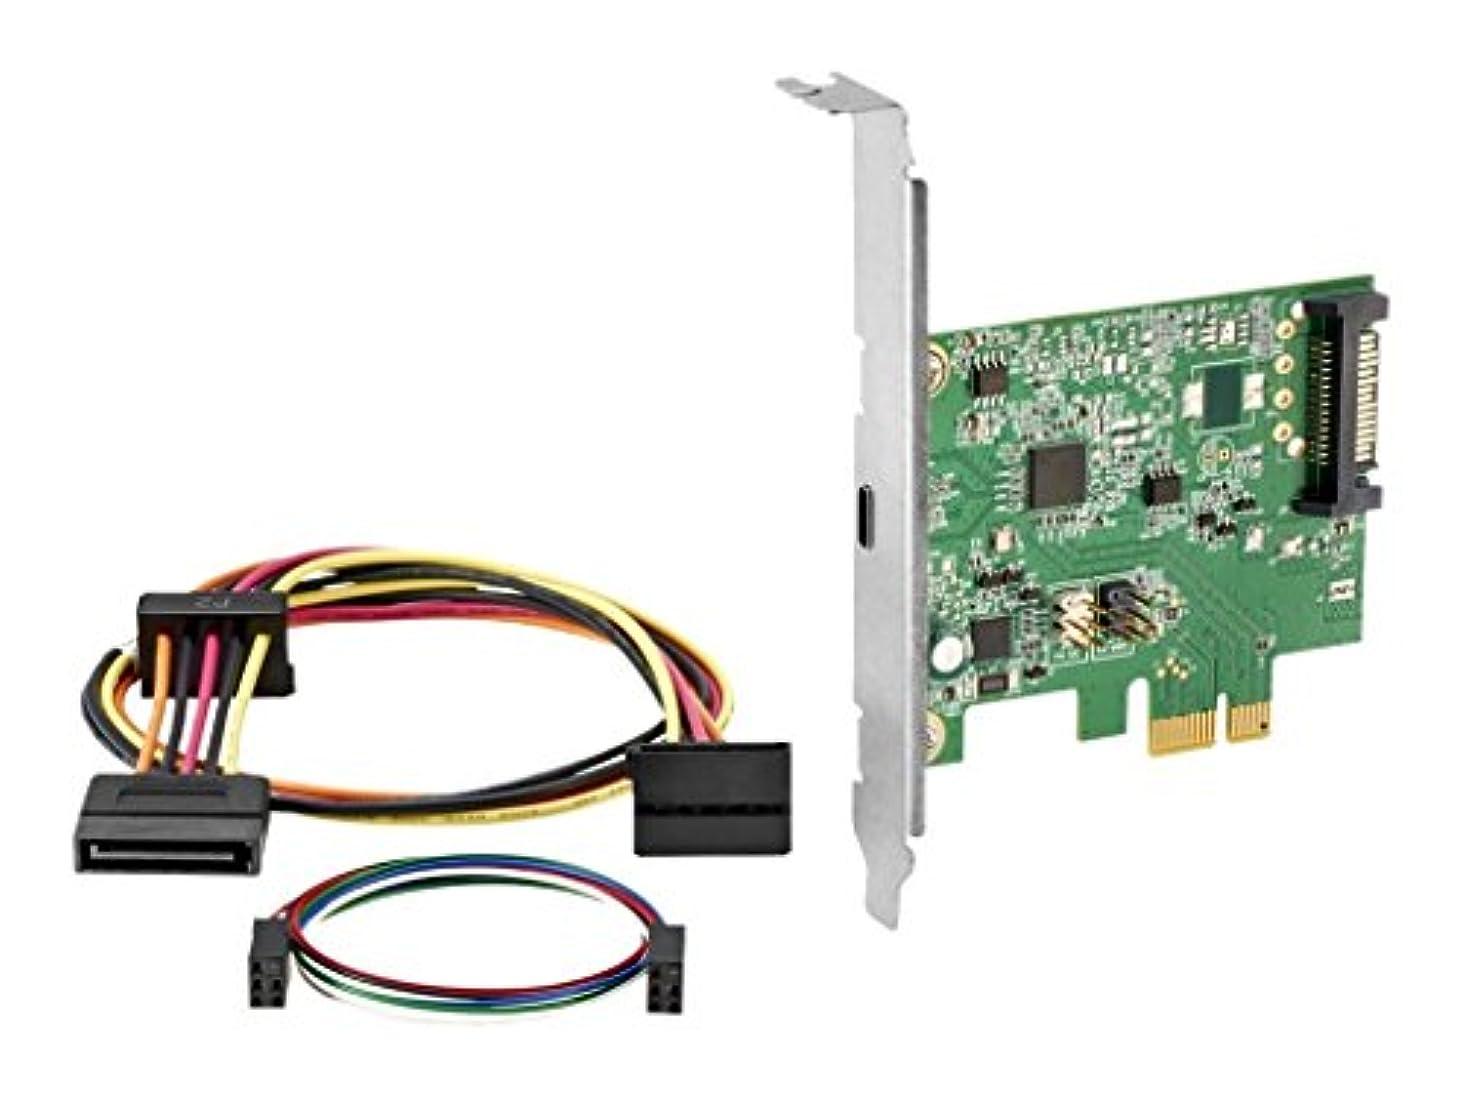 風景テスピアンナラーバーHP USBアダプタコンポーネント他p1 N75at、シルバー